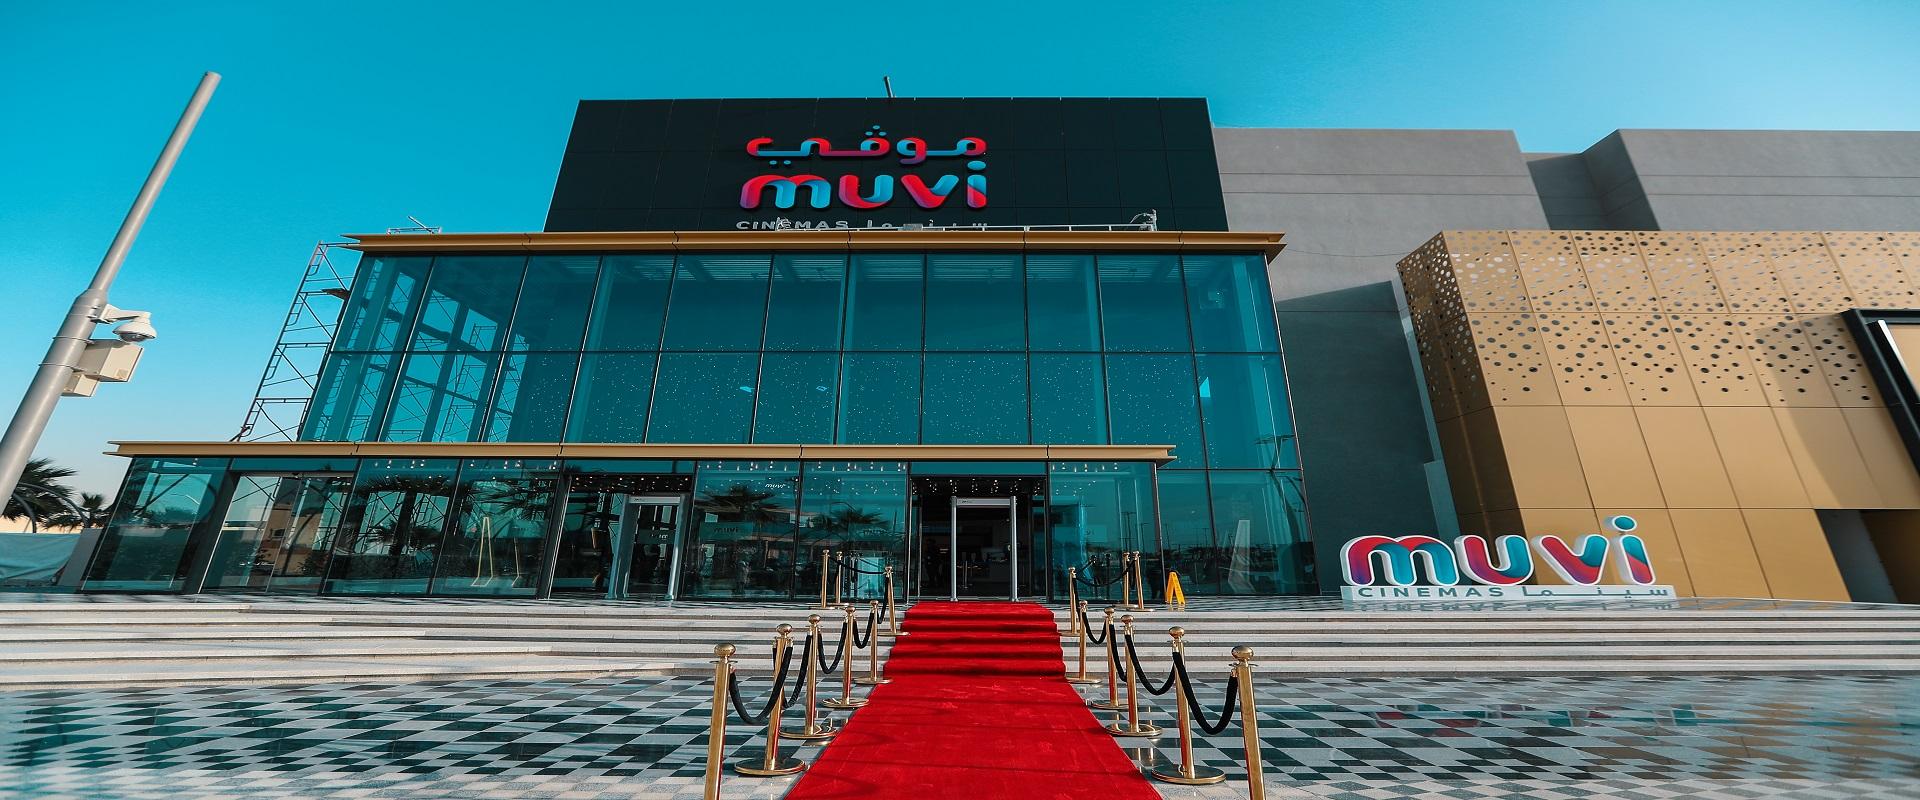 افلام سينما واجهة الرياض